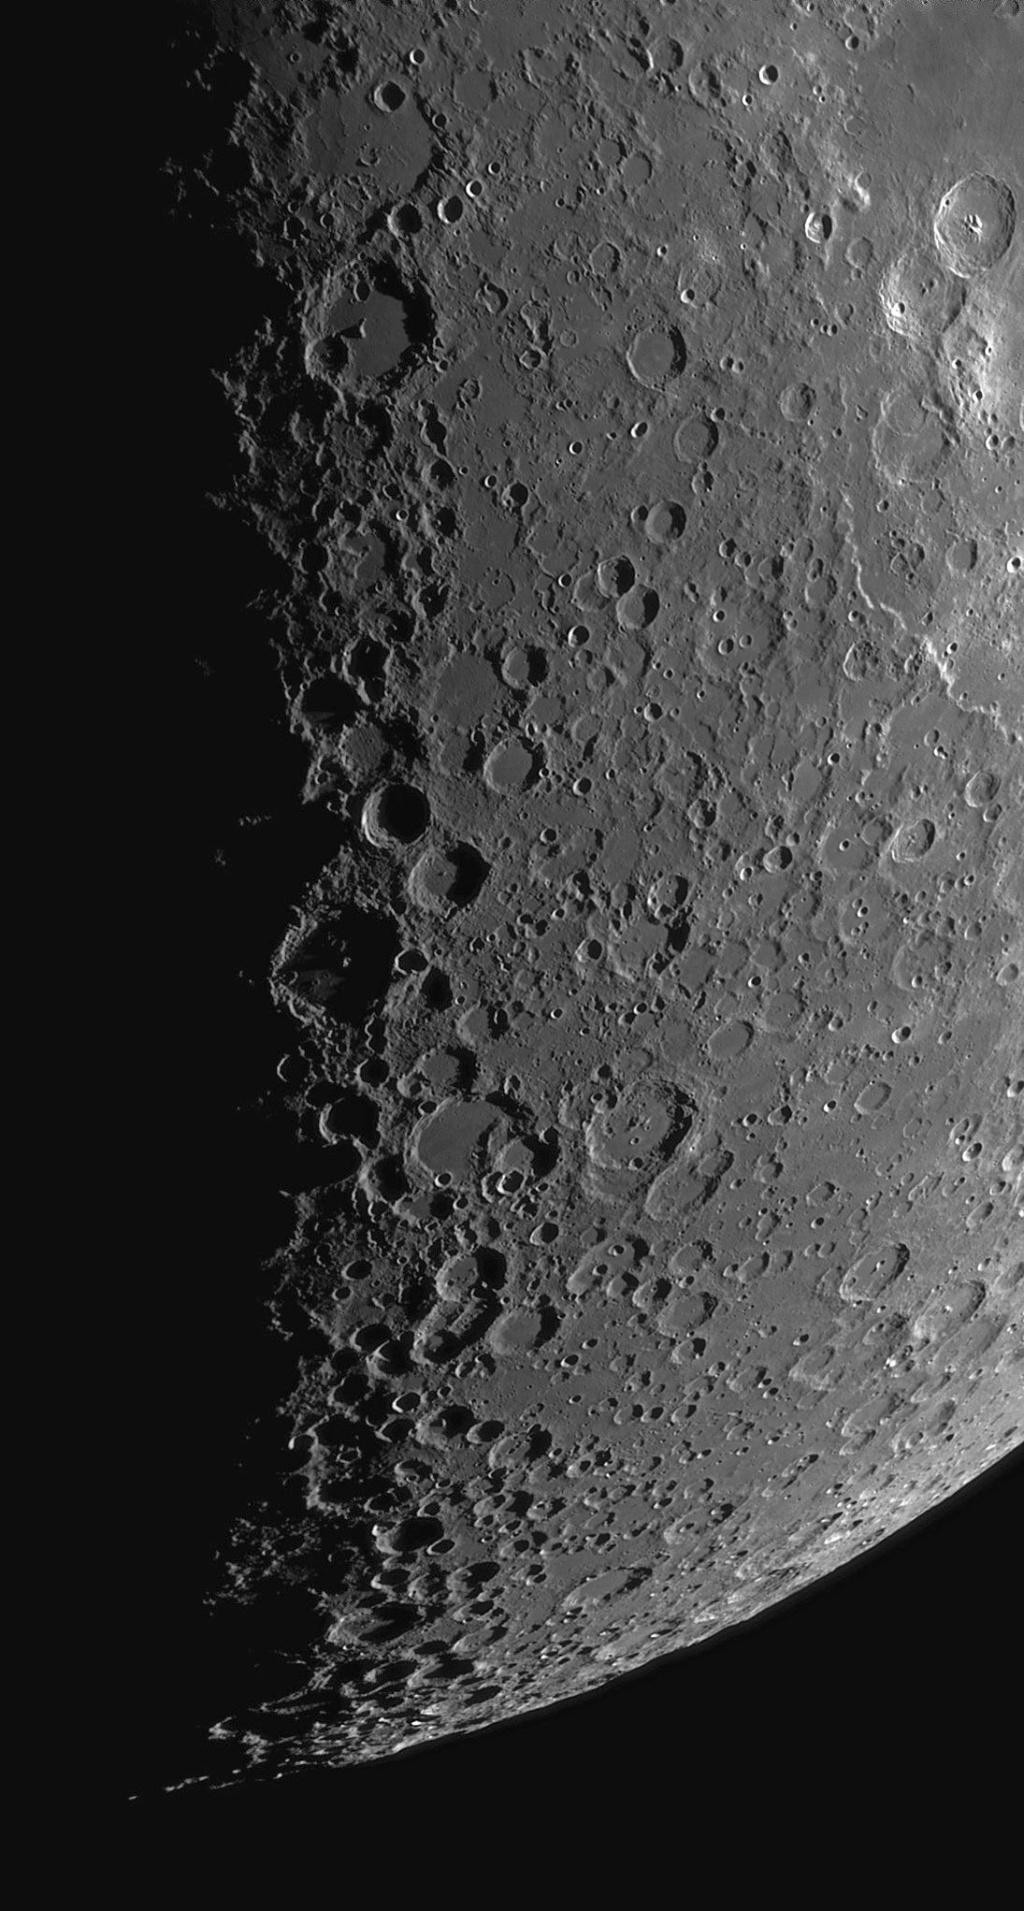 Lunes du 31 mars et 1er Avril Lune_212